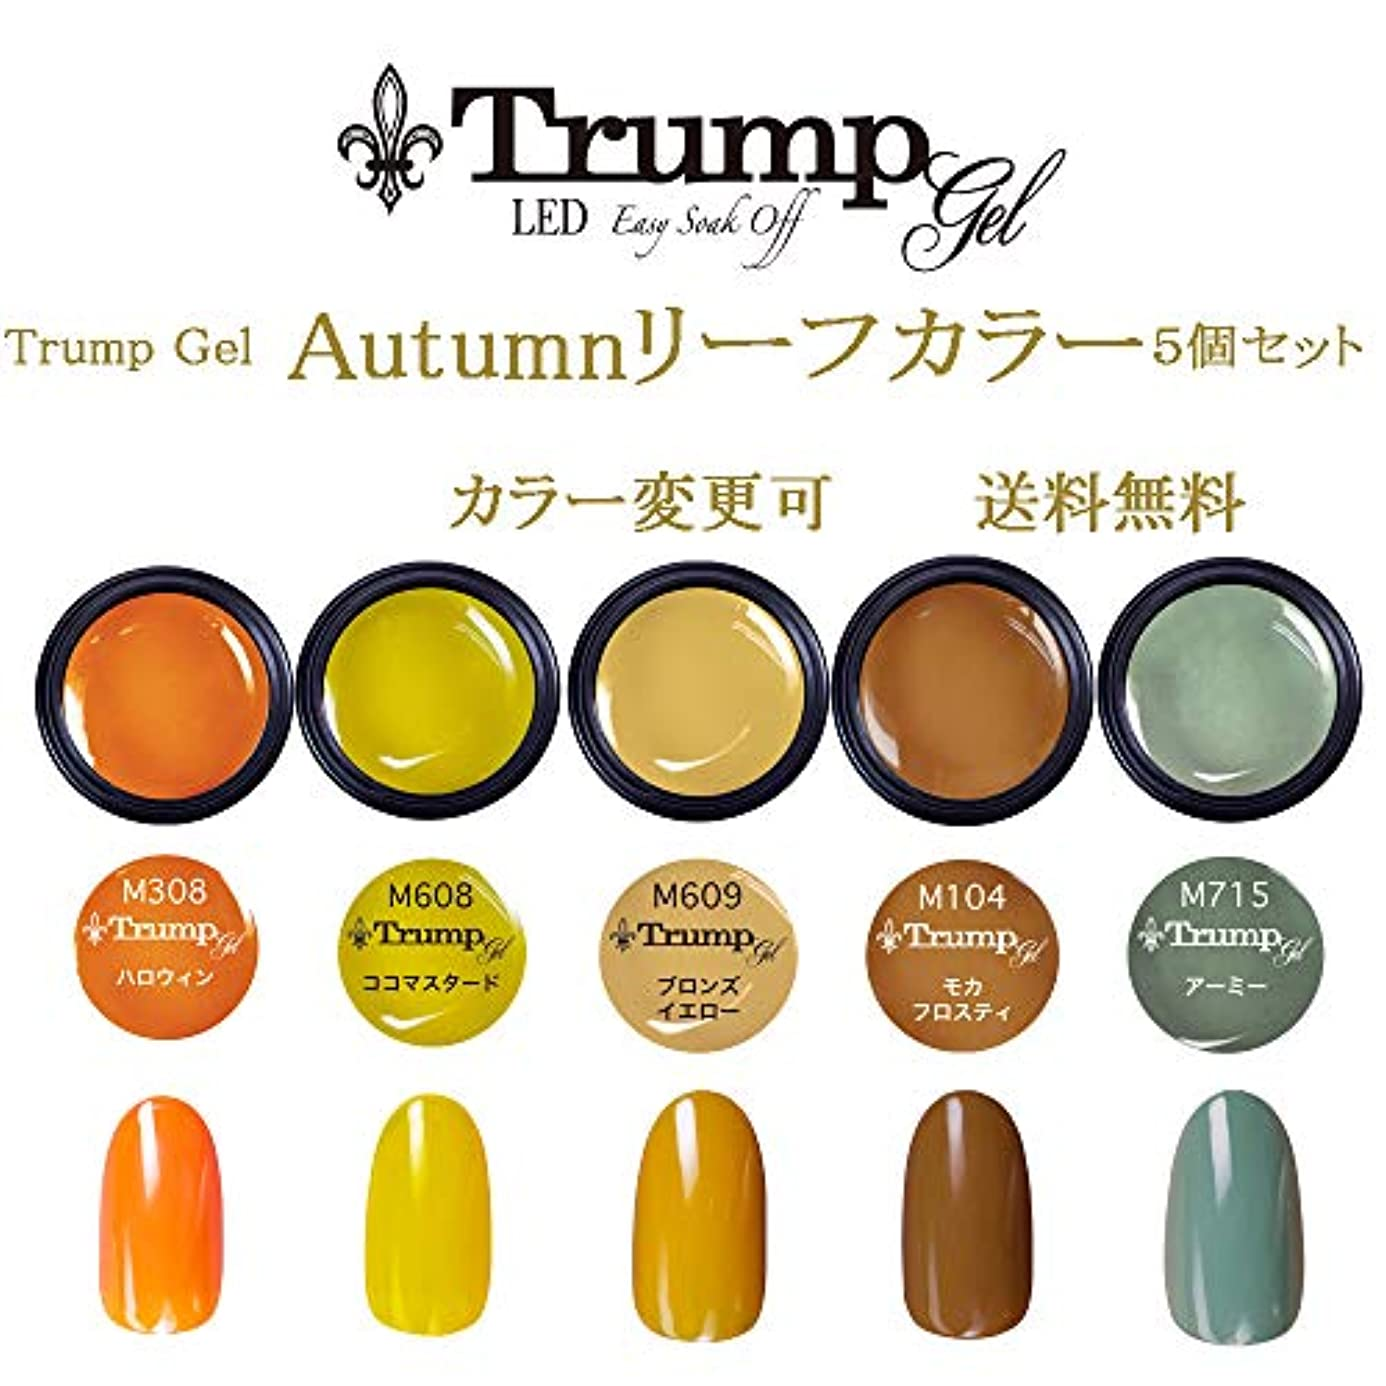 マディソン共感する教育する【送料無料】日本製 Trump gel トランプジェル オータムリーフカラー 選べる カラージェル 5個セット オータムネイル ベージュ ブラウン マスタード カラー